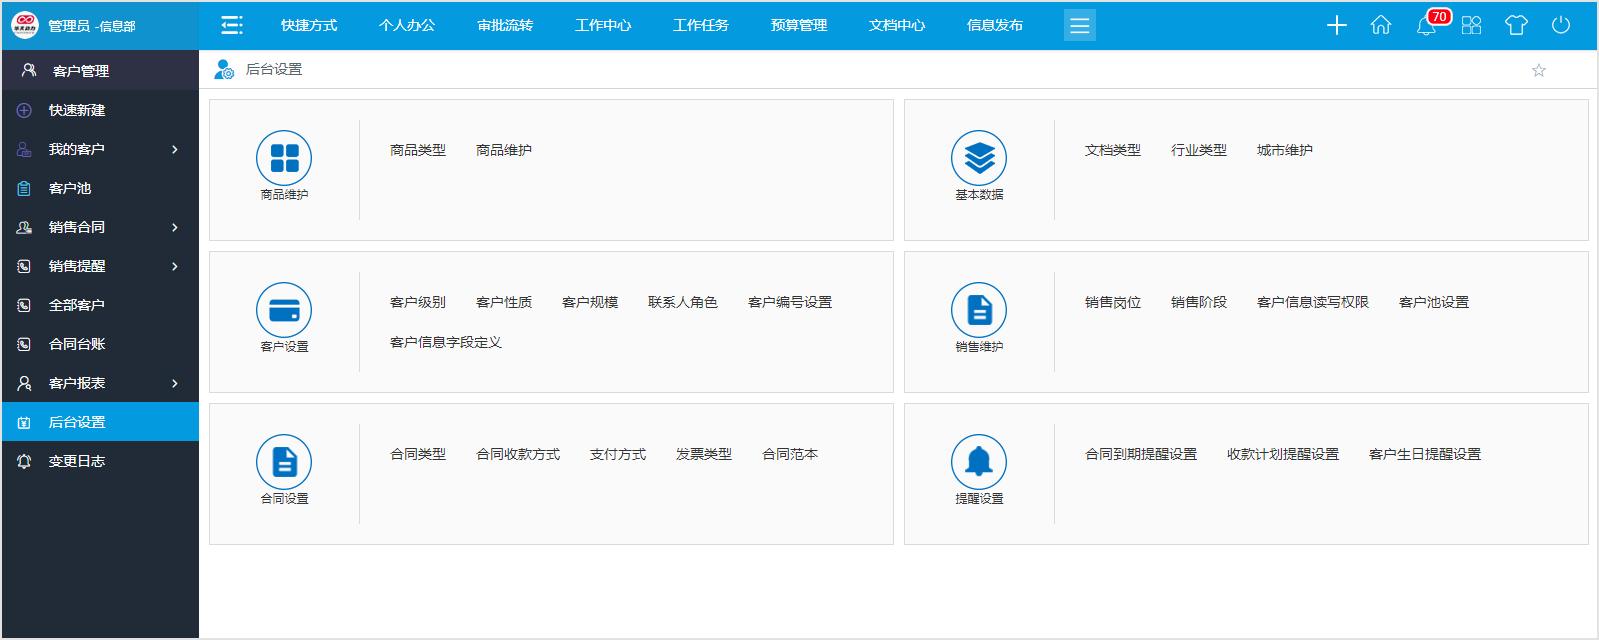 华天动力OA系统为烟草行业信息化管理注入活力